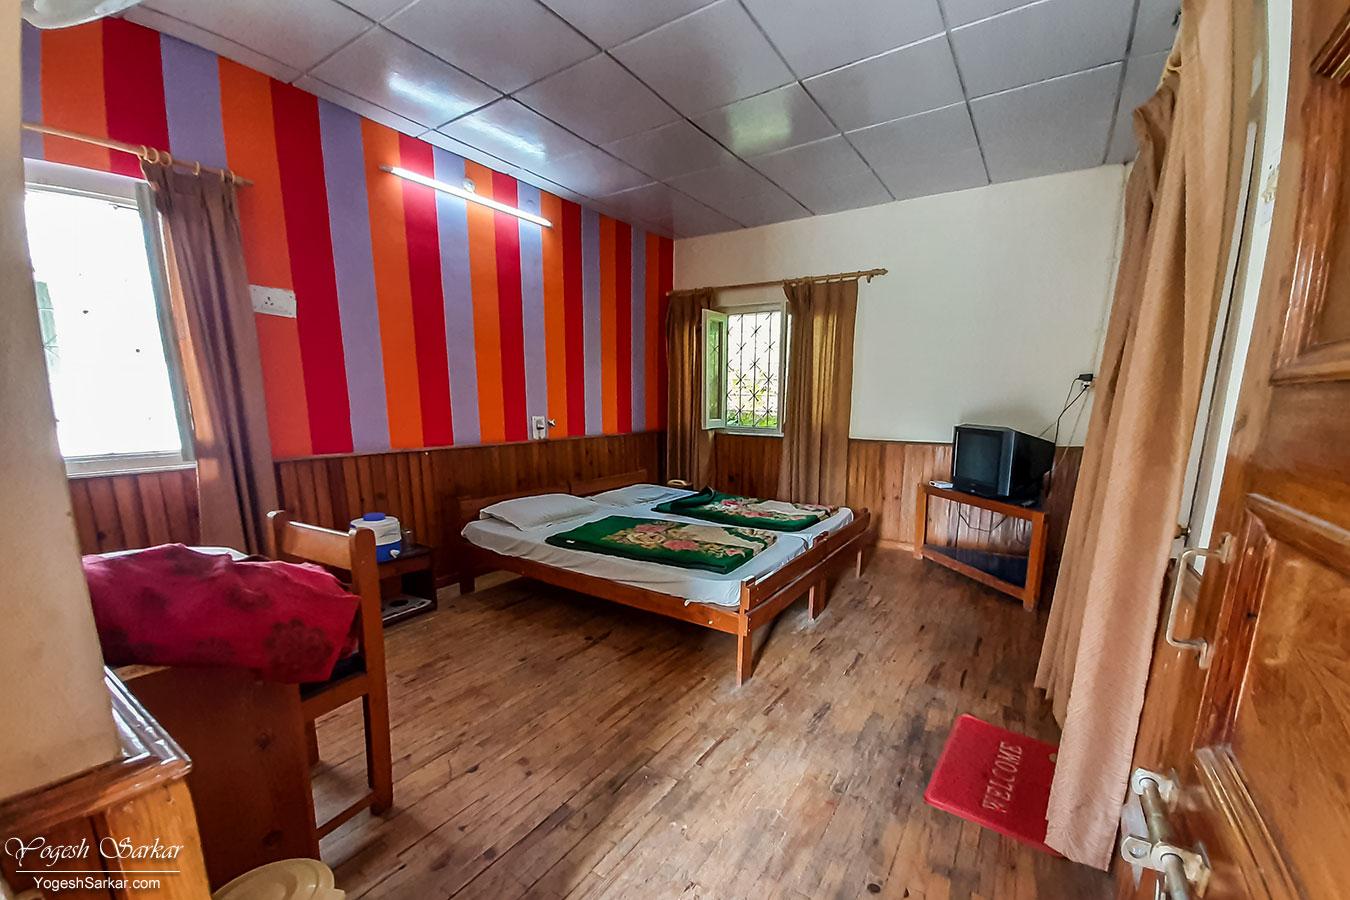 41-super-deluxe-room.jpg